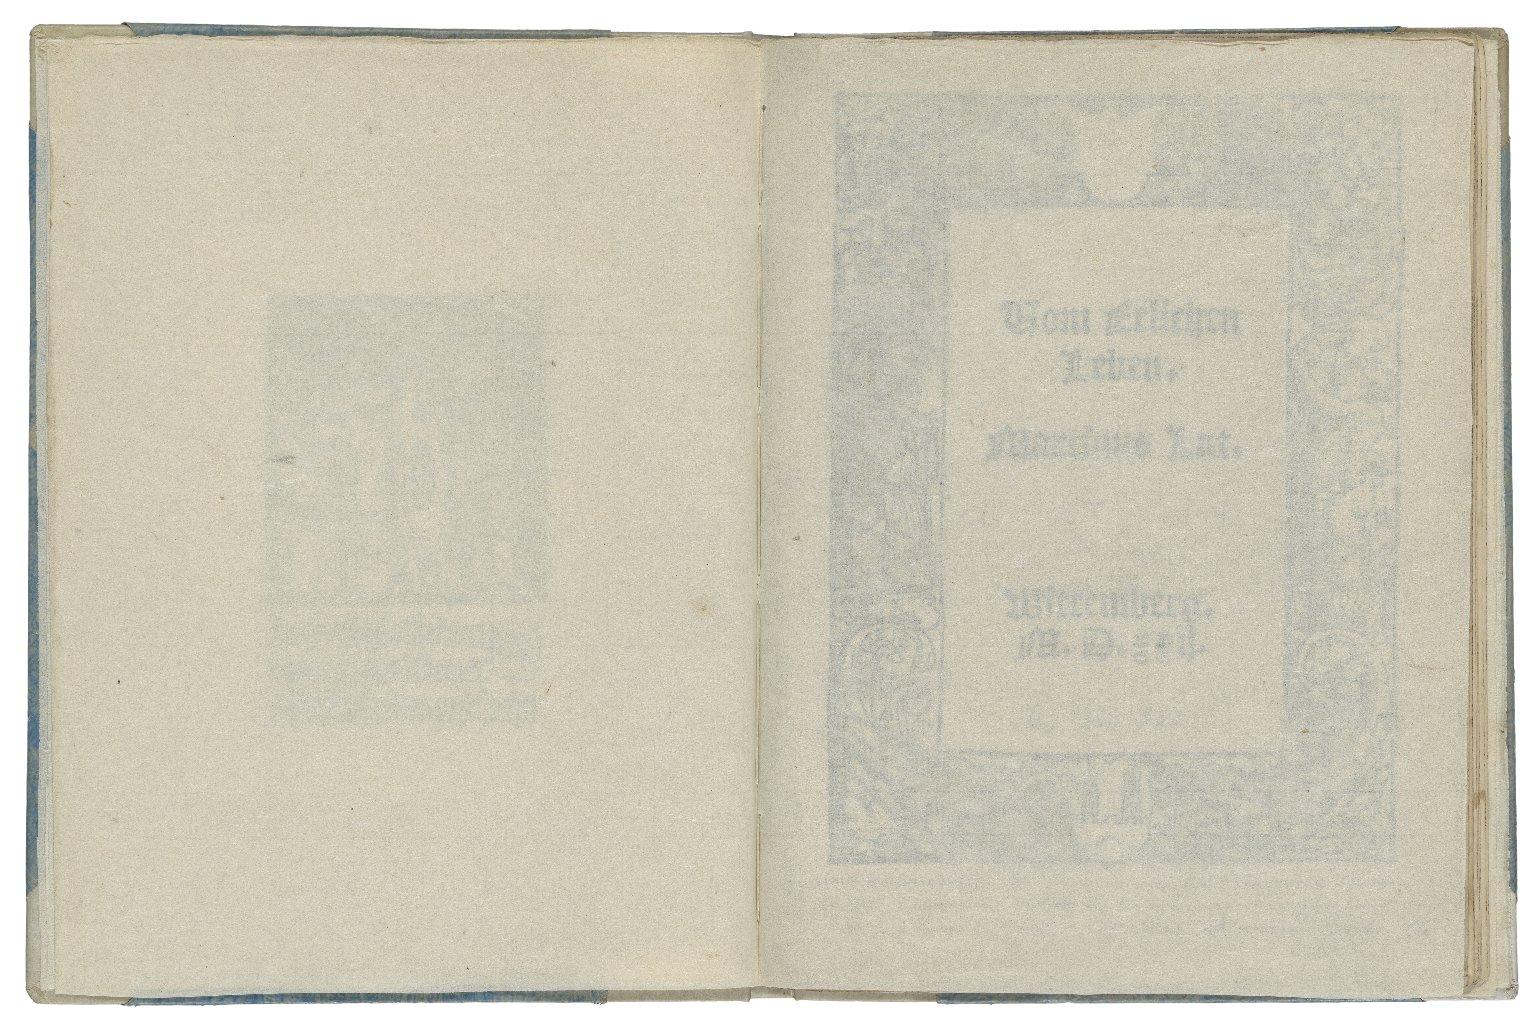 [Vom ehelichen Leben] Uom Eelichen Leben / Martinus Lut.